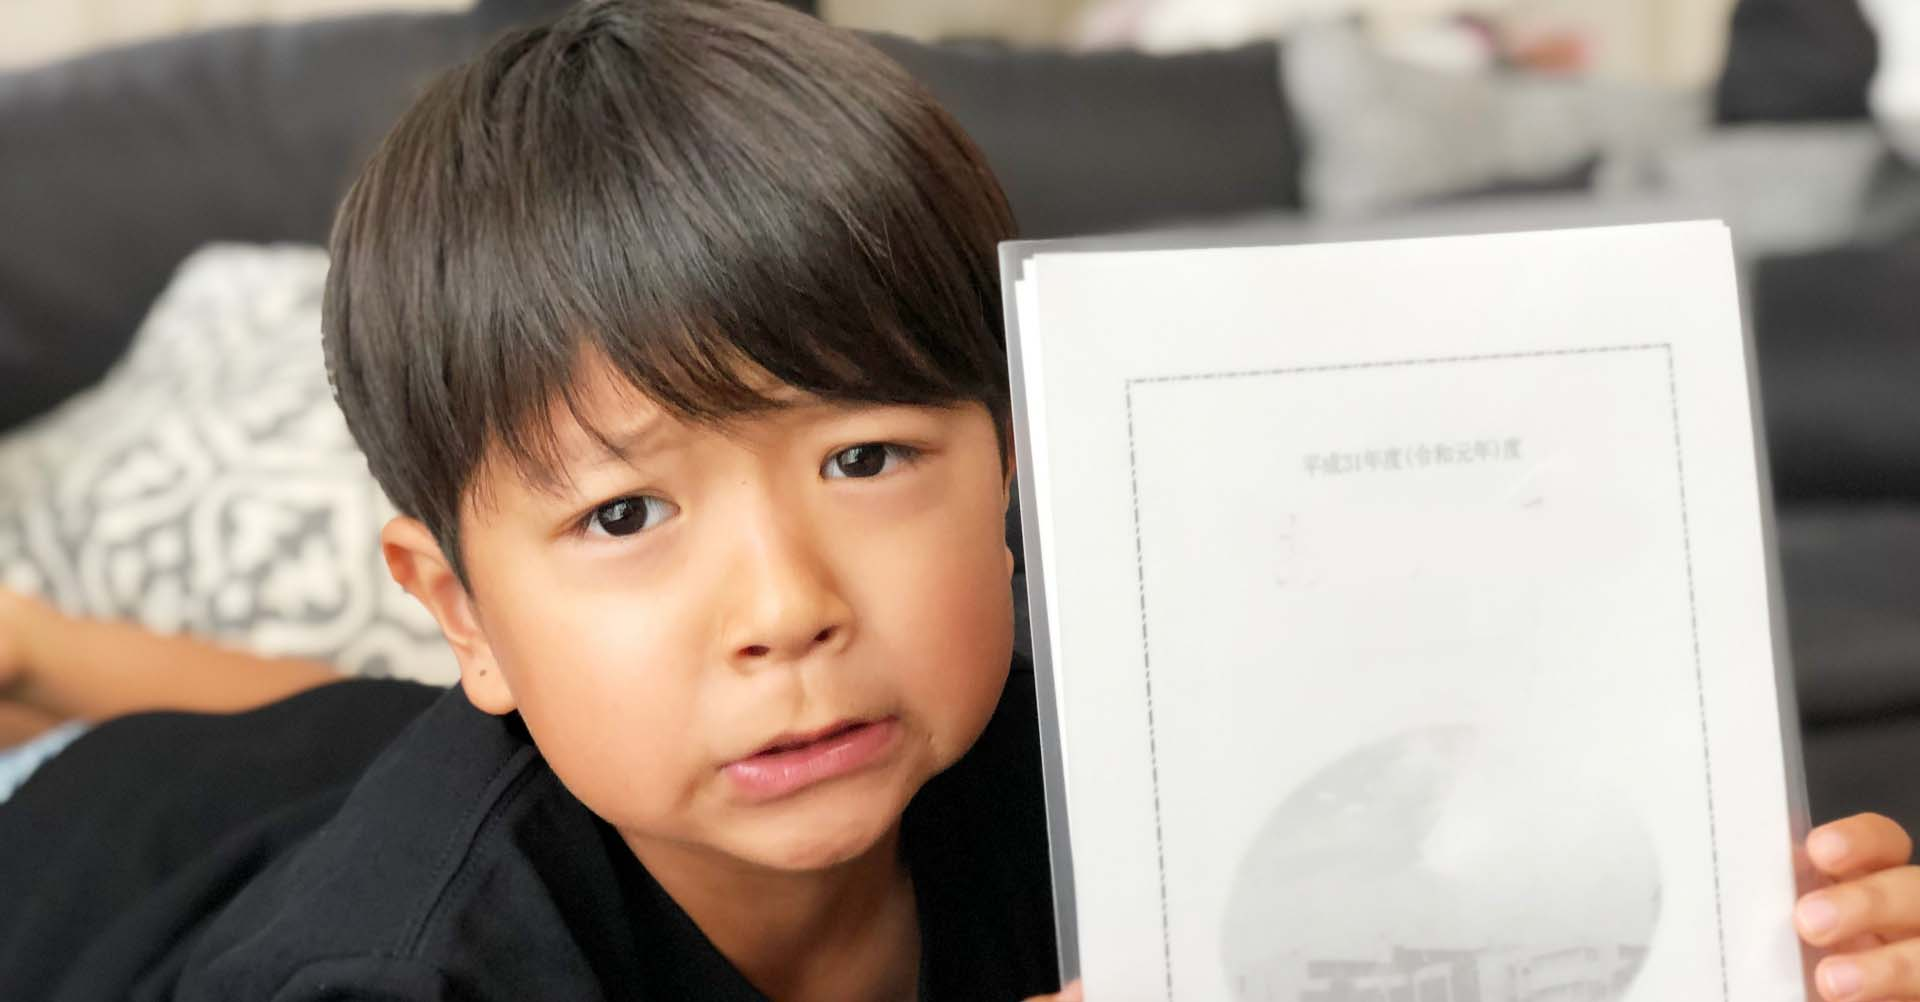 在學校不受肯定,回家後還被罵;父母說話時要避免讓孩子討厭學習